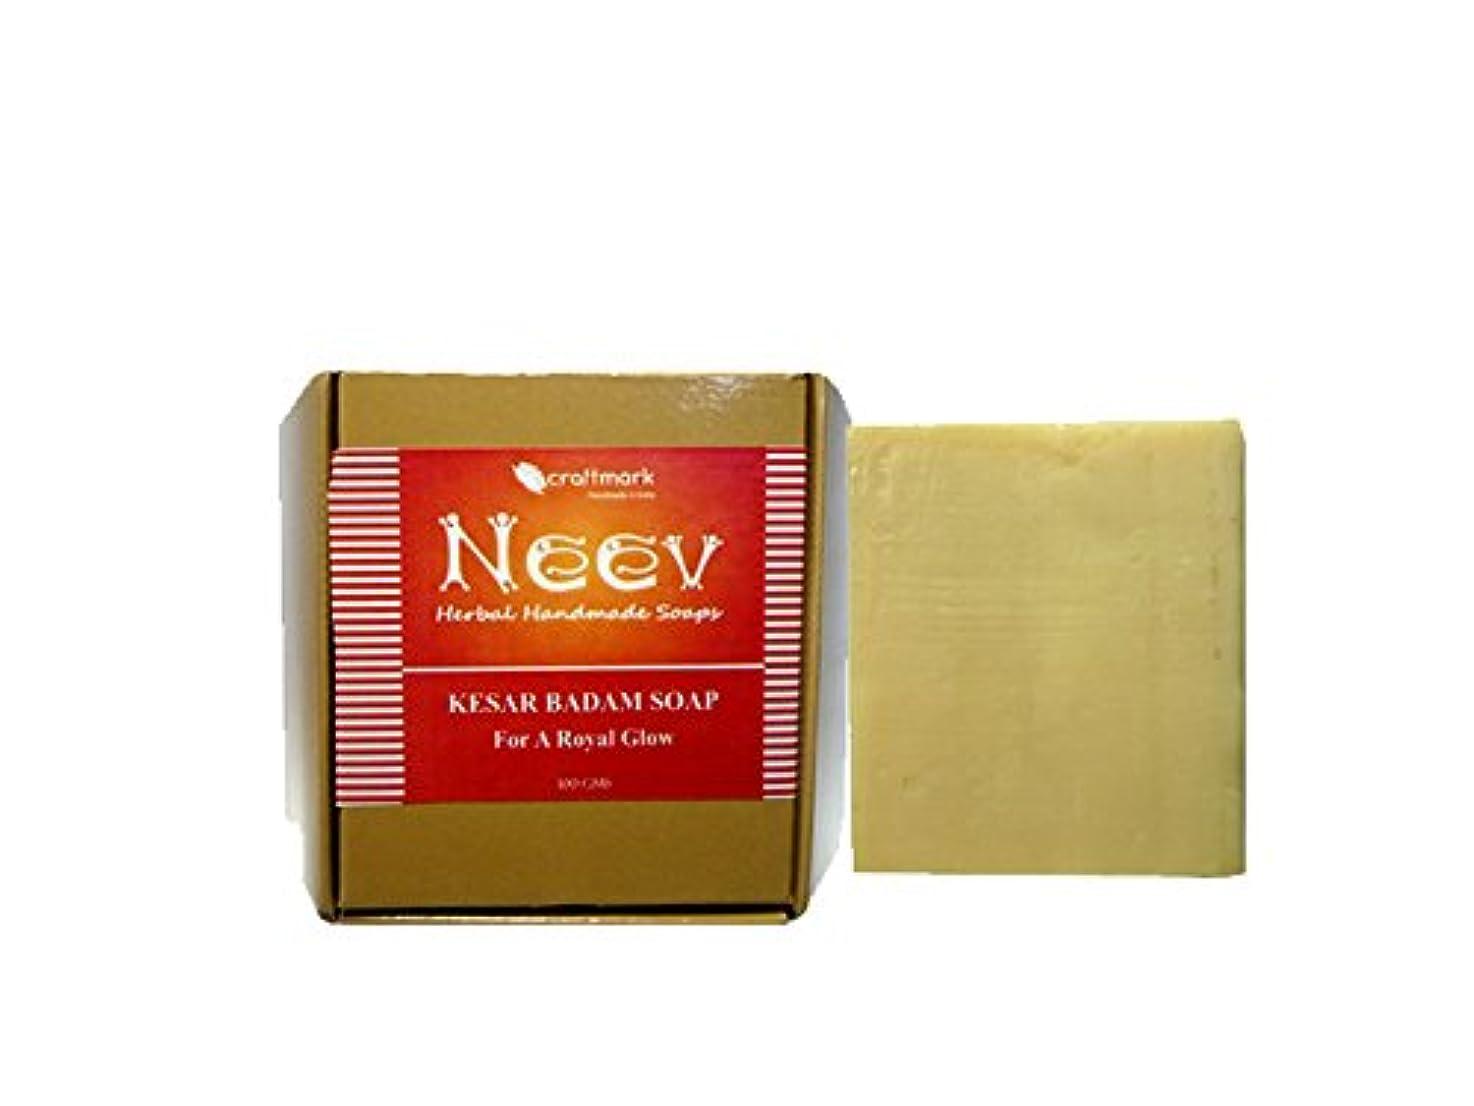 テクトニックくつろぐ切断する手作り ニーブ カサル バダム ソープ NEEV Herbal Kesar Badam SOAP For A Royal Glow